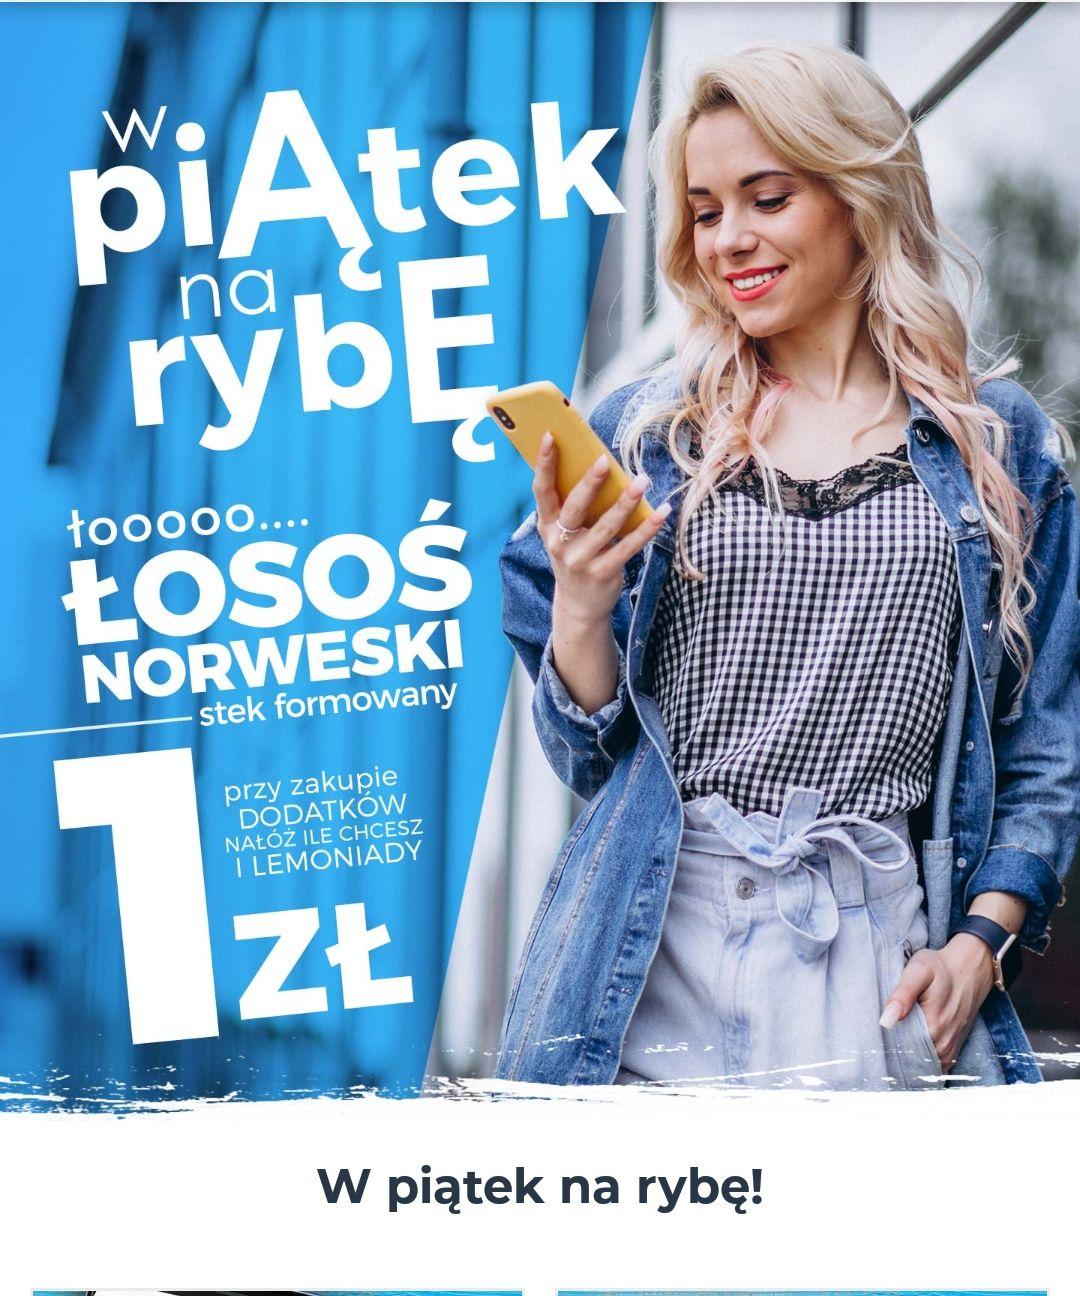 """Łosoś norweski za 1zł przy zakupie lemoniady i dodatków """"nałóż ile chcesz"""" w North Fish"""